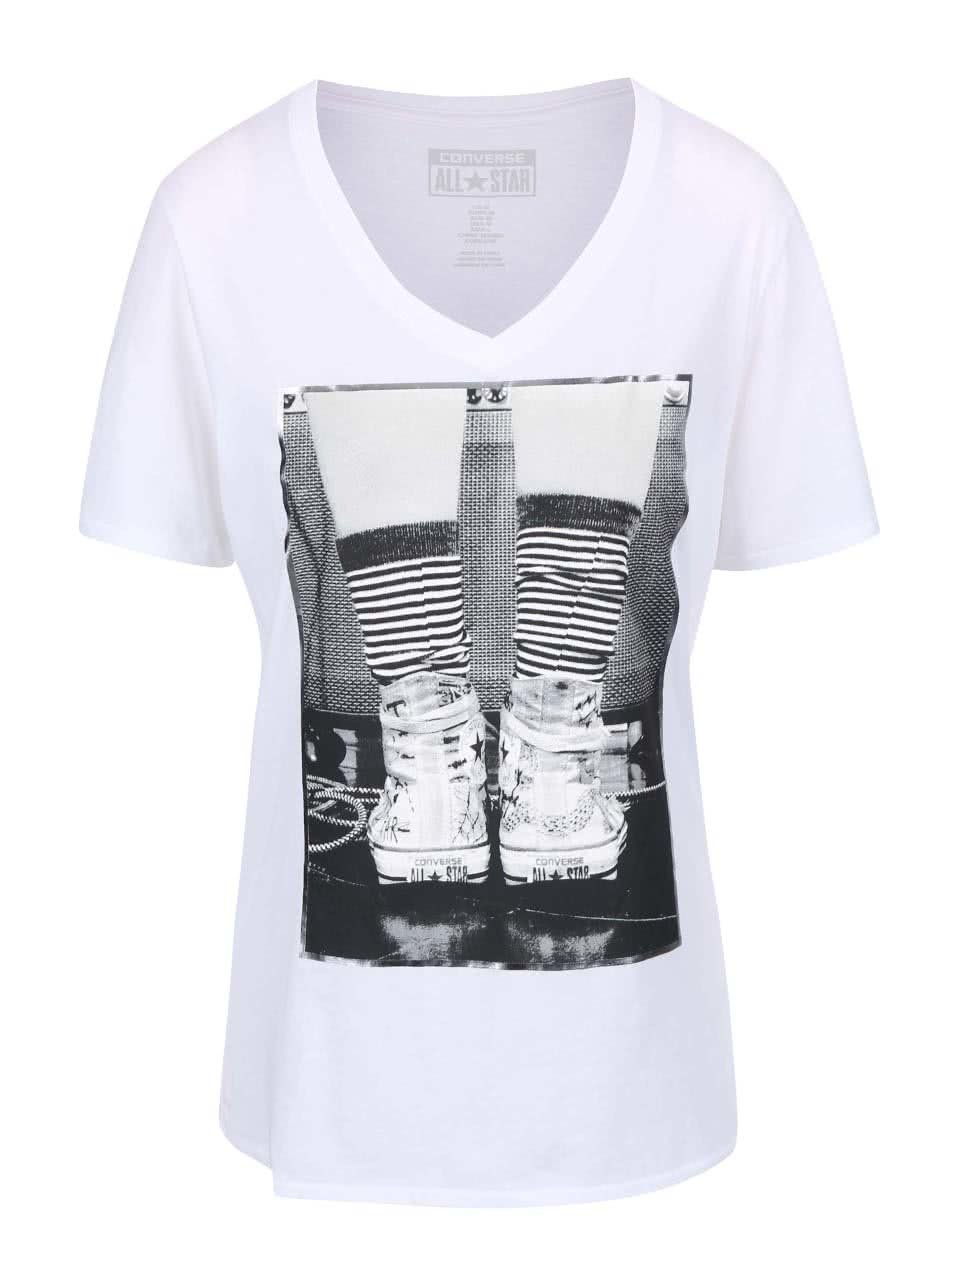 Biele dámske tričko s véčkovým výstrihom Converse ... e44bd873db5